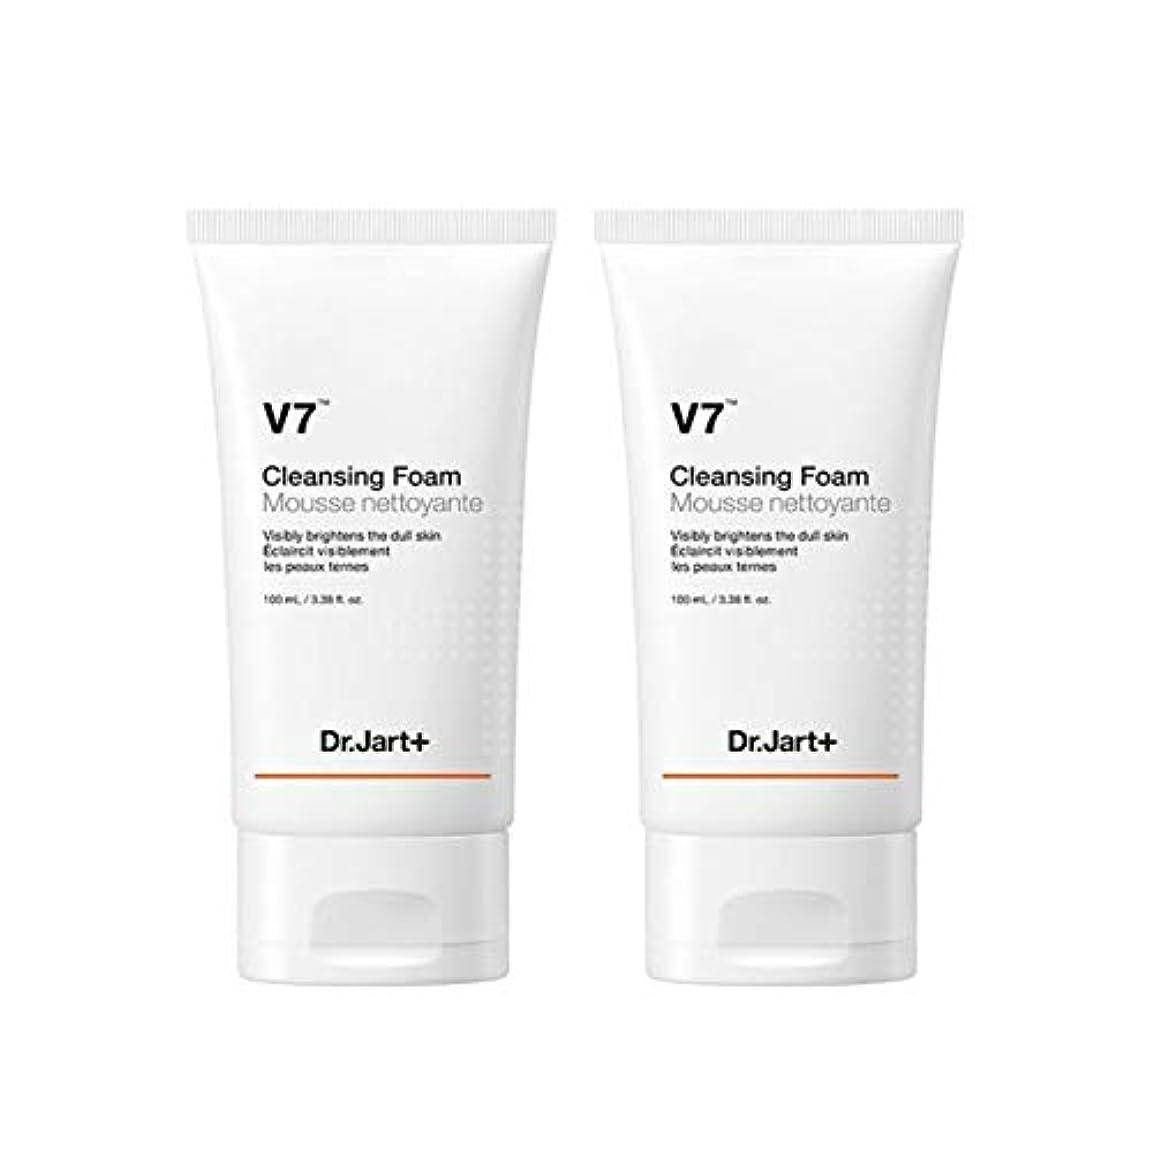 憂慮すべきに同意する病気のドクタージャルトゥV7クレンジングフォーム100mlx2本セット韓国コスメ、Dr.Jart V7 Cleansing Foam 100ml x 2ea Set Korean Cosmetics [並行輸入品]